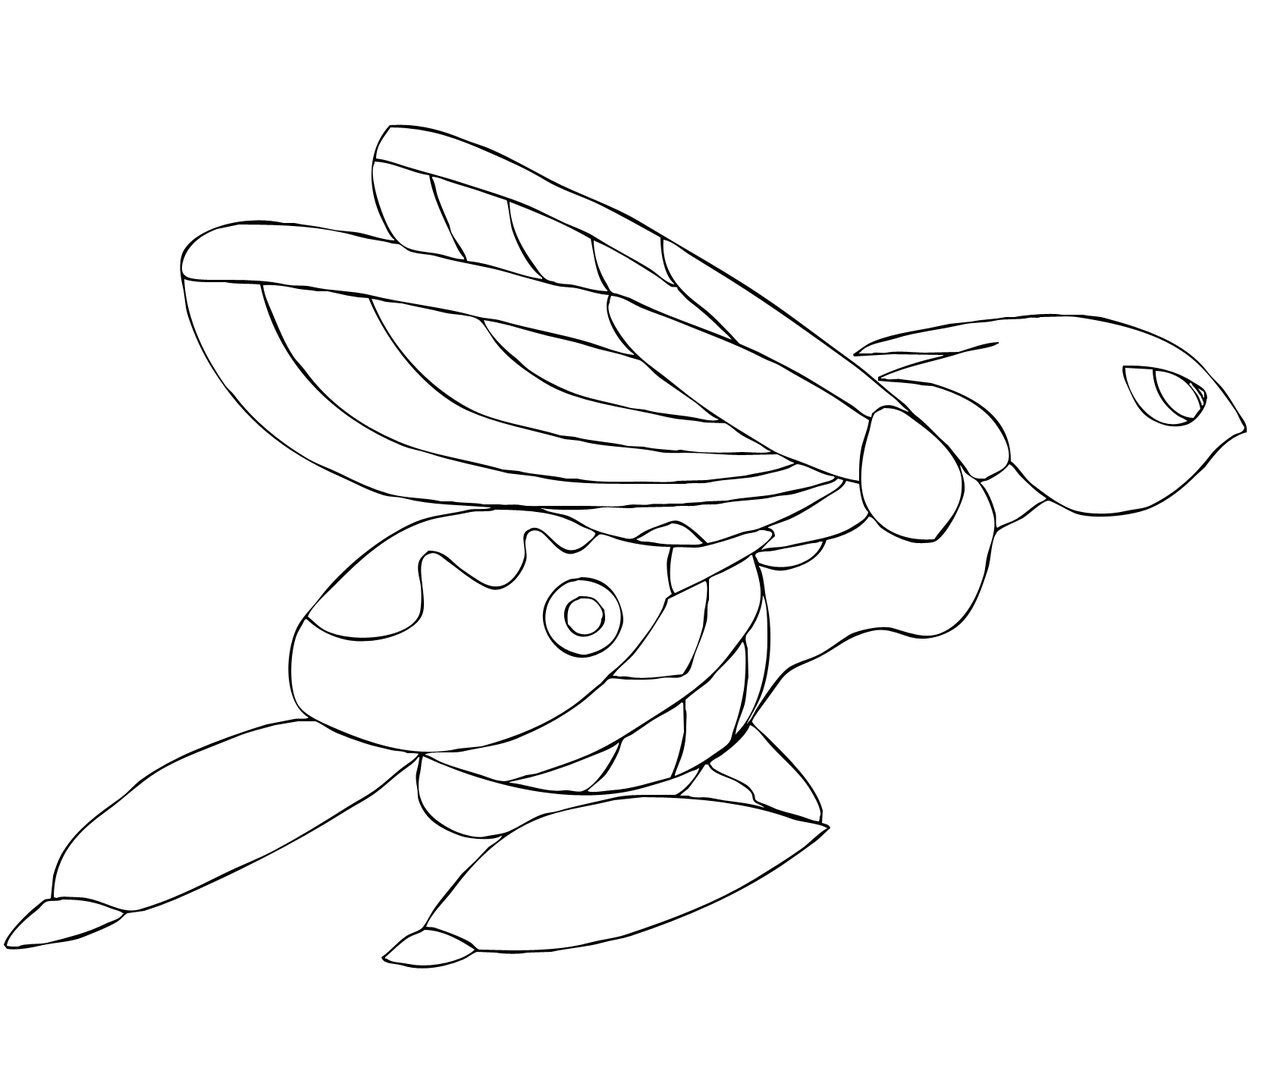 Scizor Lineart By Elsdrake Pokemon Coloring Pages Pokemon Coloring Pokemon